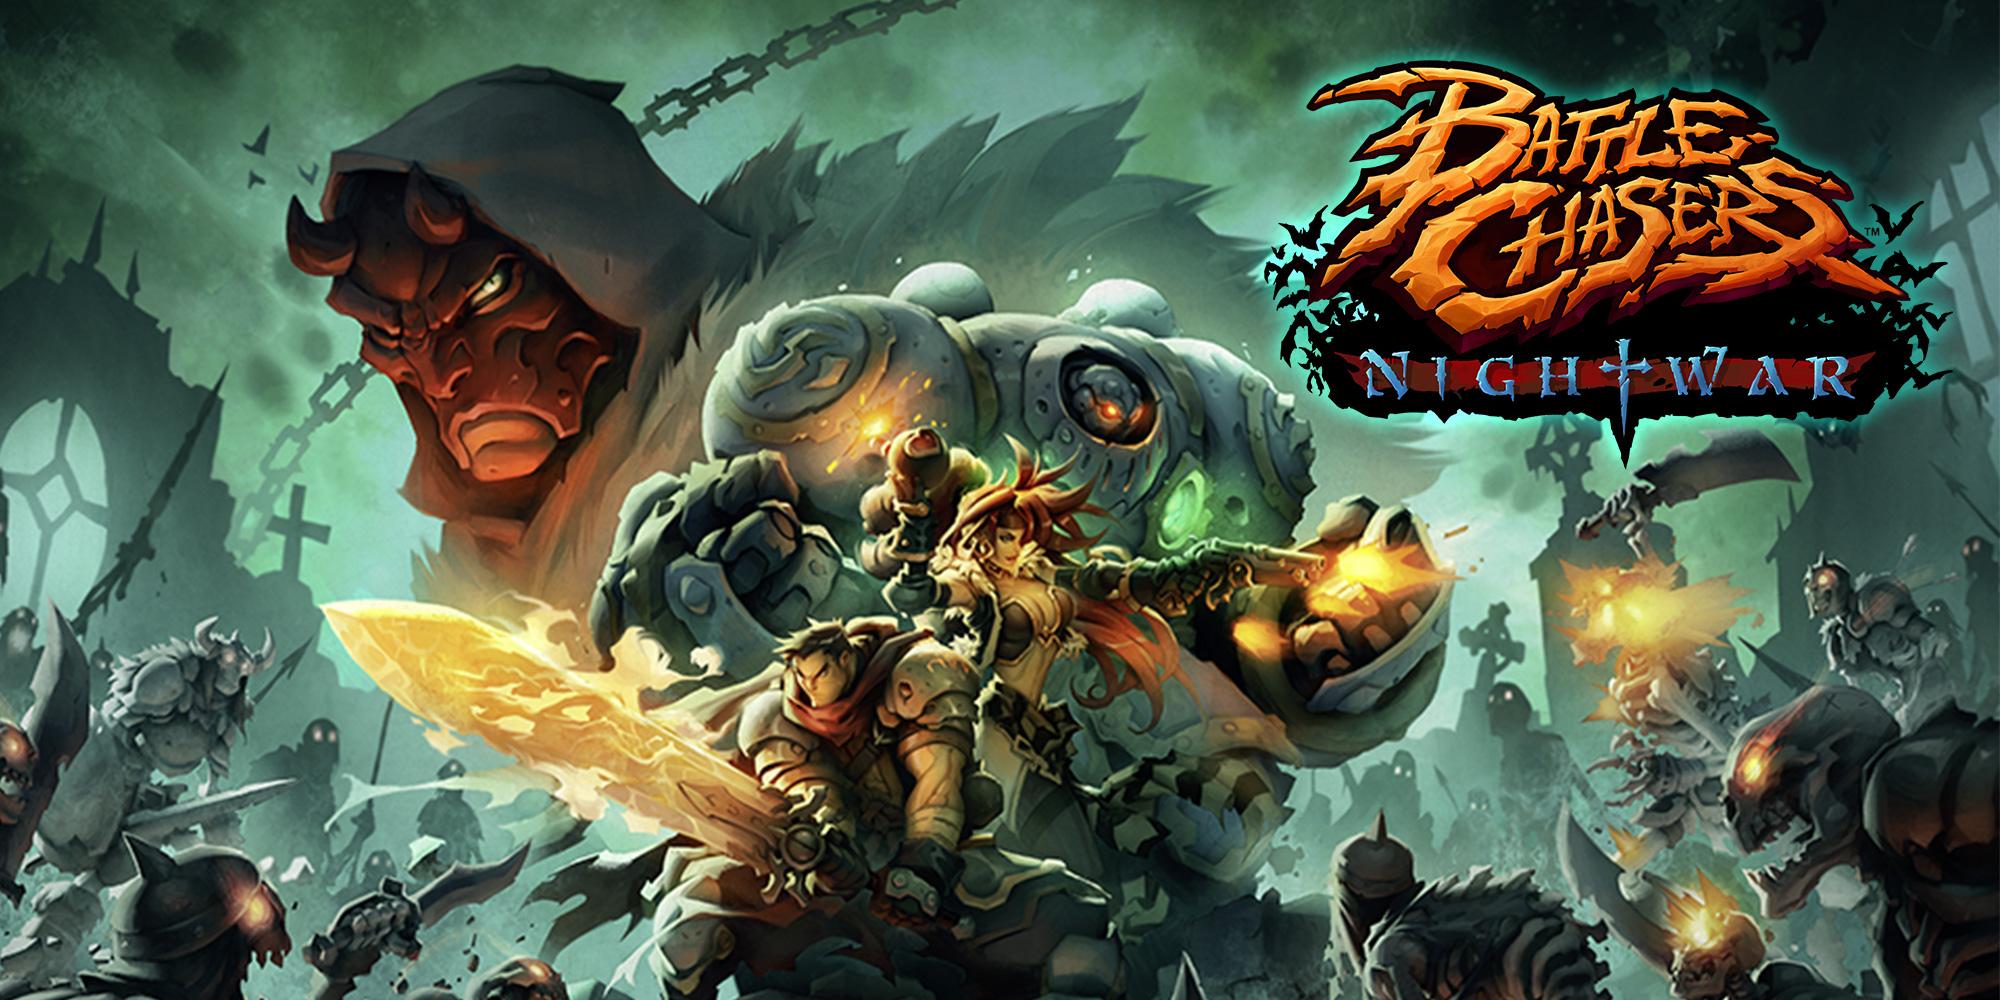 لعبة القتال battle chasers nightwar